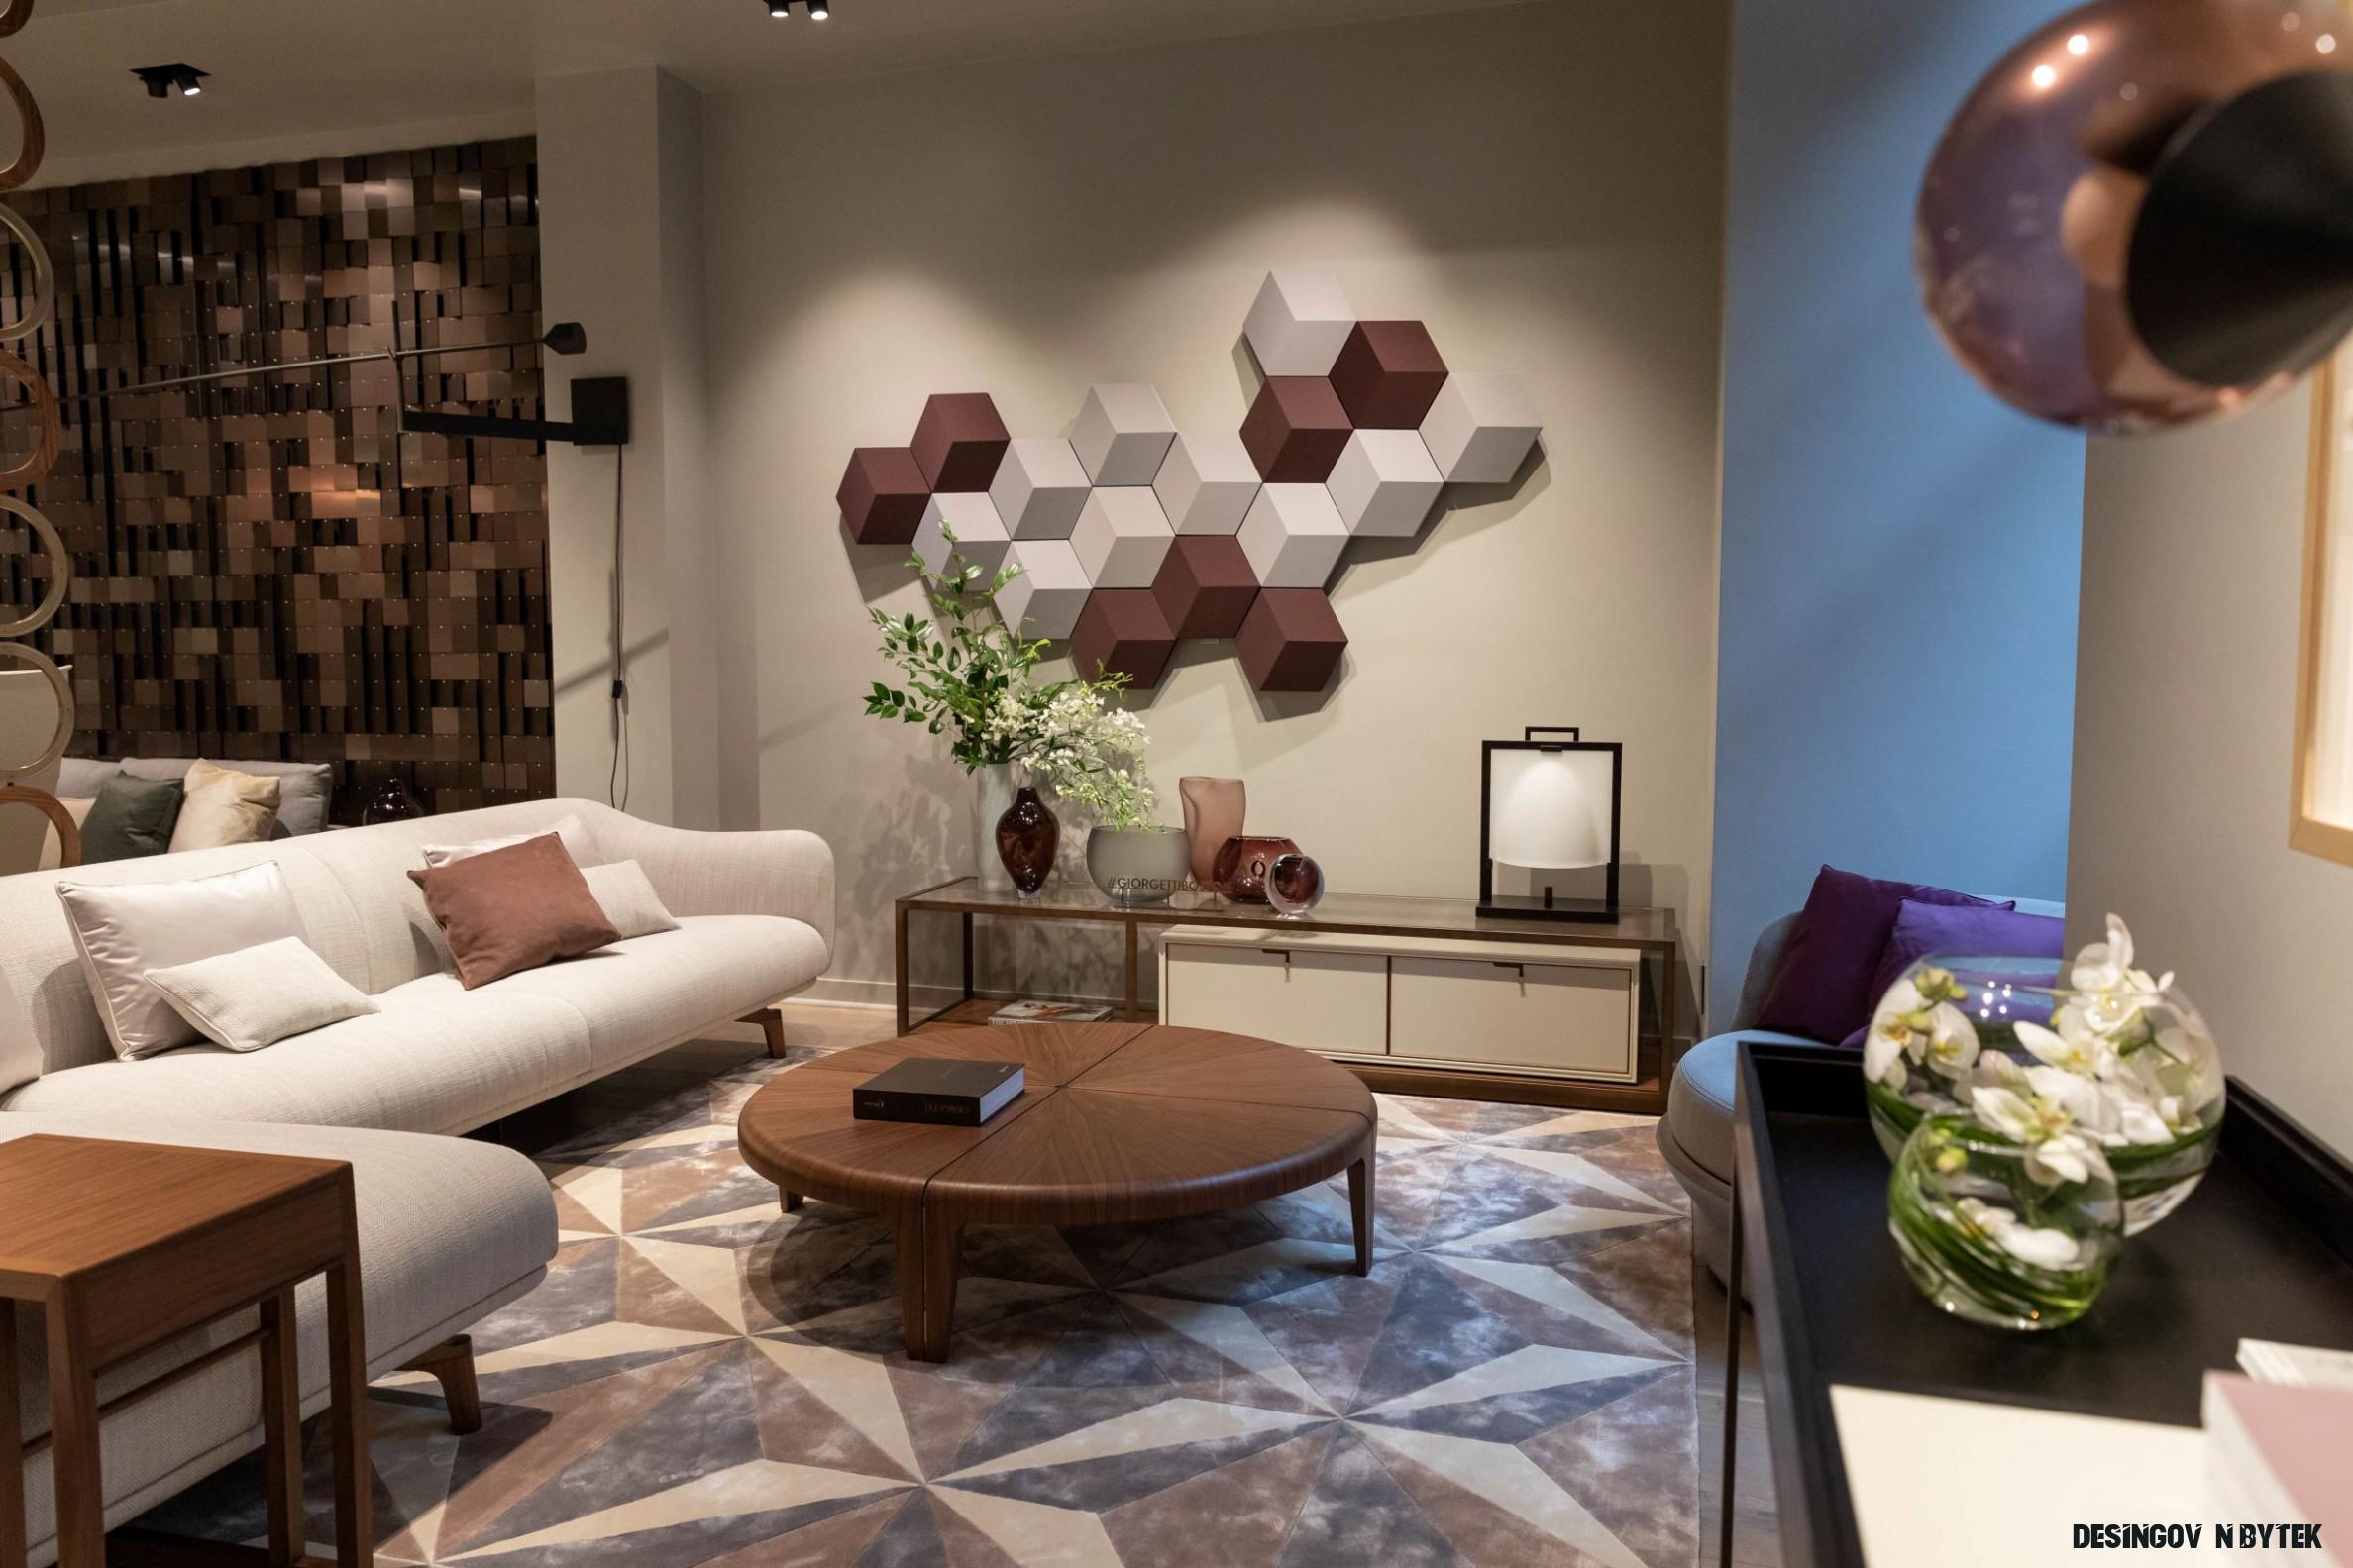 Designový nábytek Giorgetti ladí s vkusem Američanů – Online